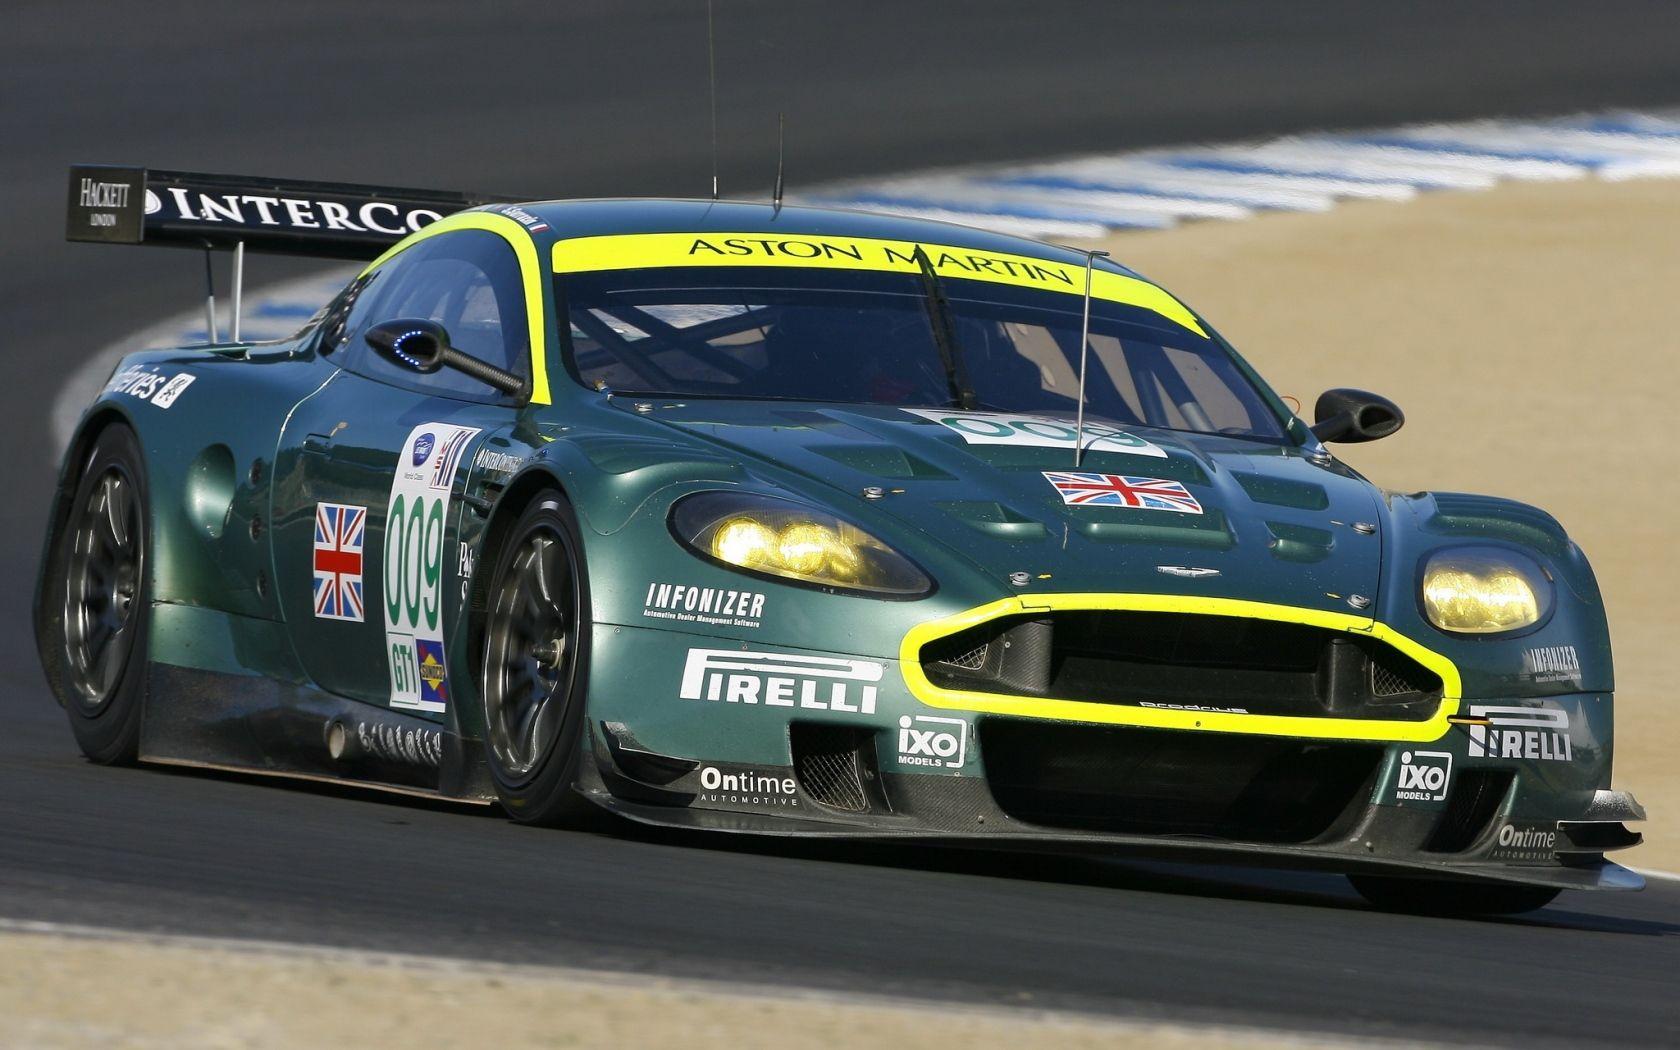 Aston Martin Dbr9 Aston Martin Sports Car Racing